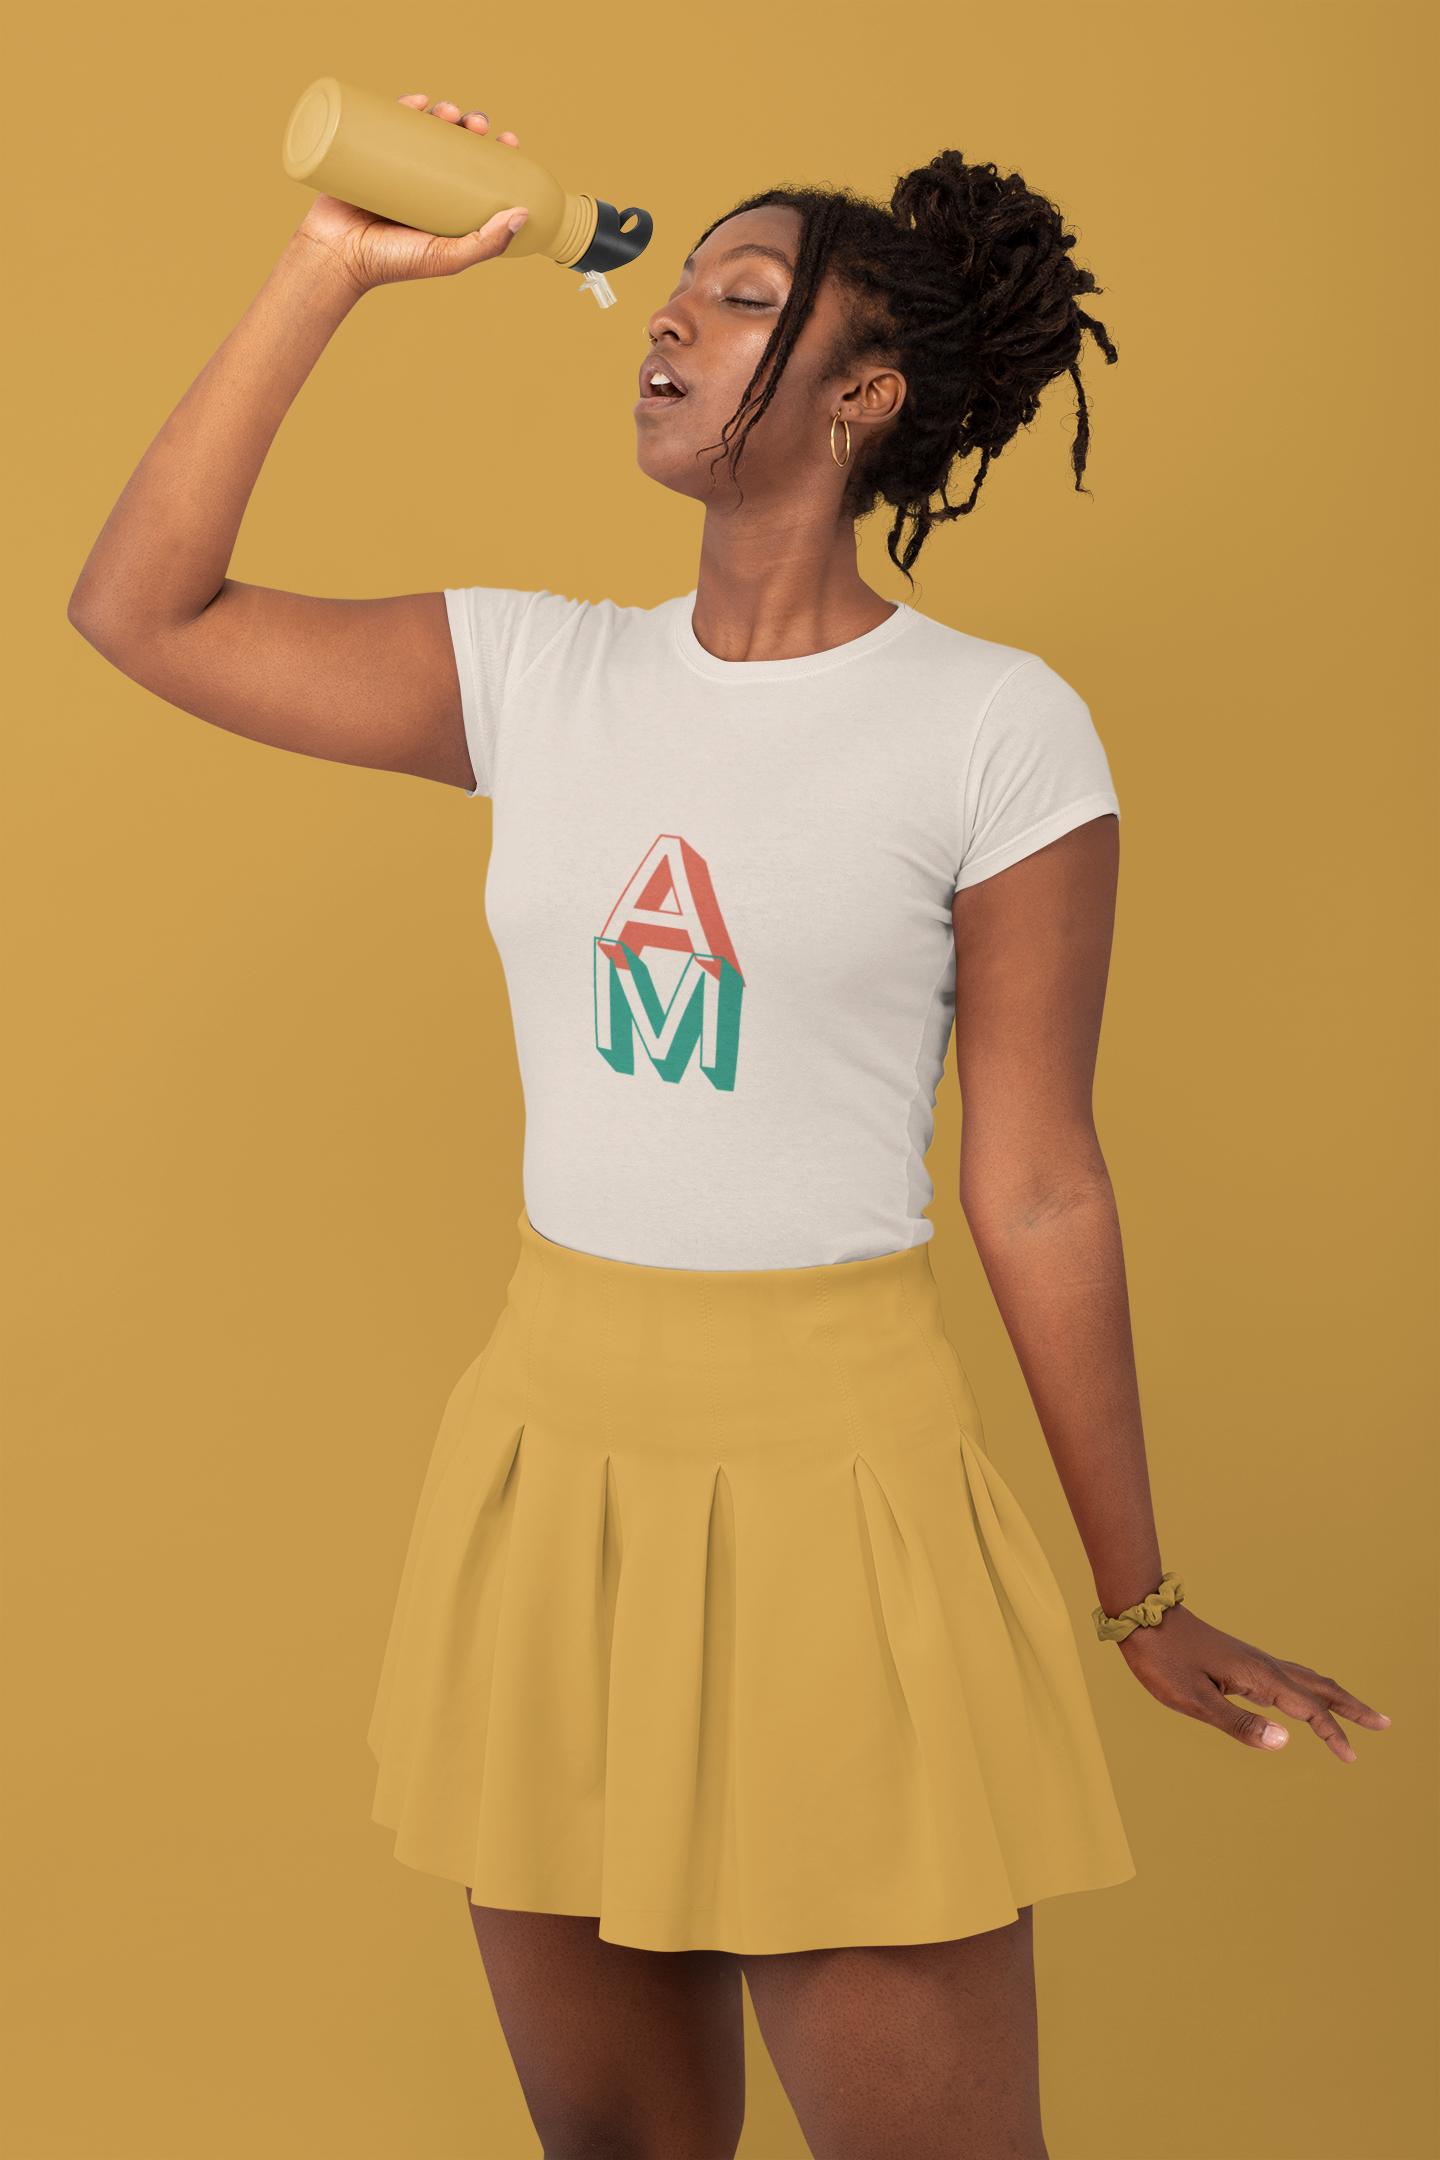 monochromatic t shirt mockup of a stylish woman drinking water at a studio 32794